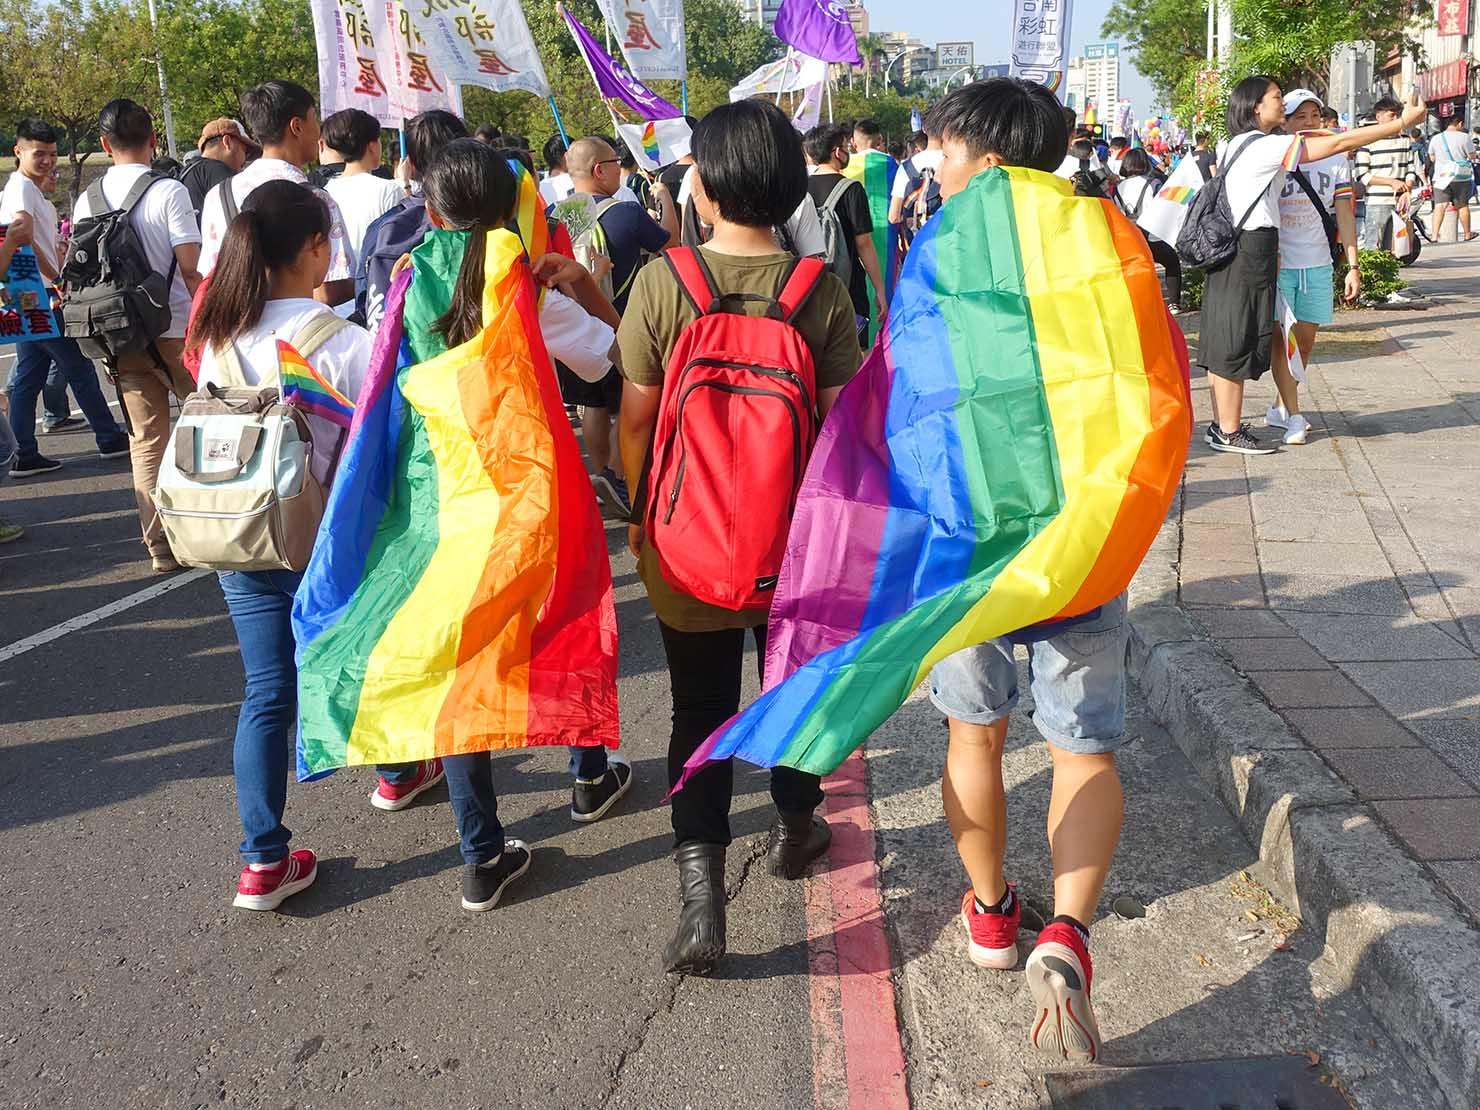 高雄同志大遊行(高雄レインボーパレード)2017でレインボーフラッグを纏って歩く参加者たち